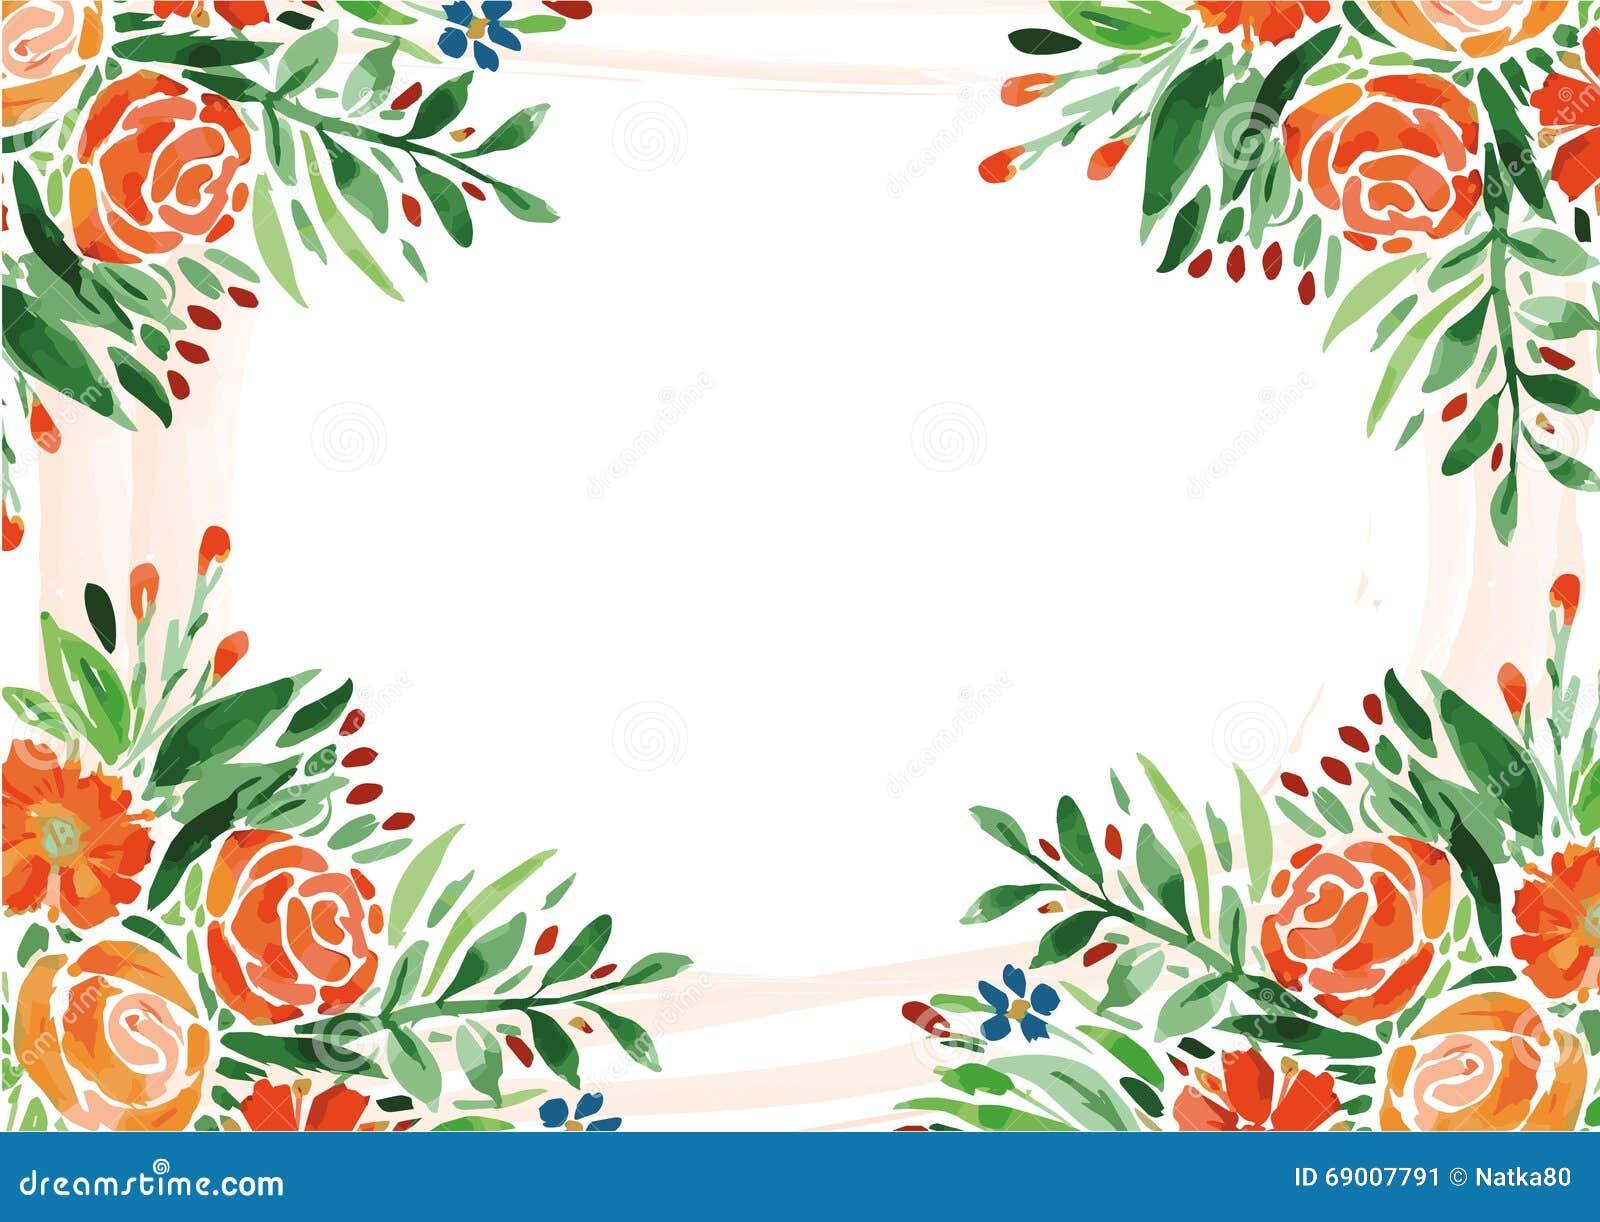 保存日期卡片,卡片,花,水彩图画,图画,水彩,上升了,花卉背景,花卉小图片